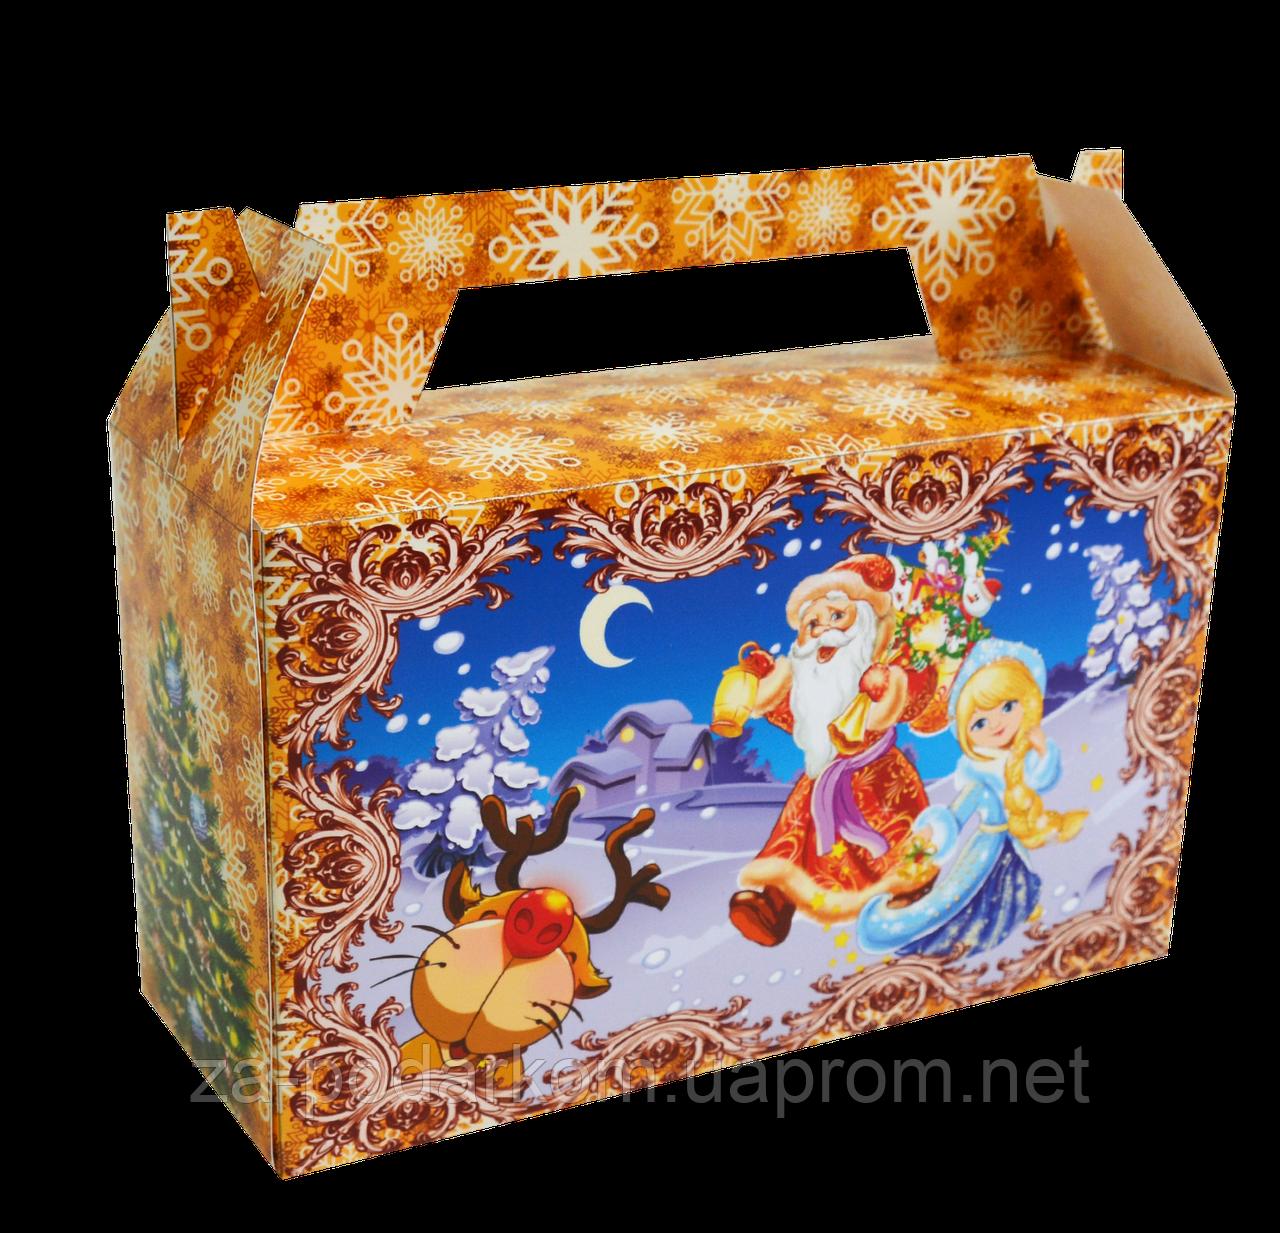 """Новорічна упаковка """"Дід і Снігурка"""" для цукерок 300 г"""